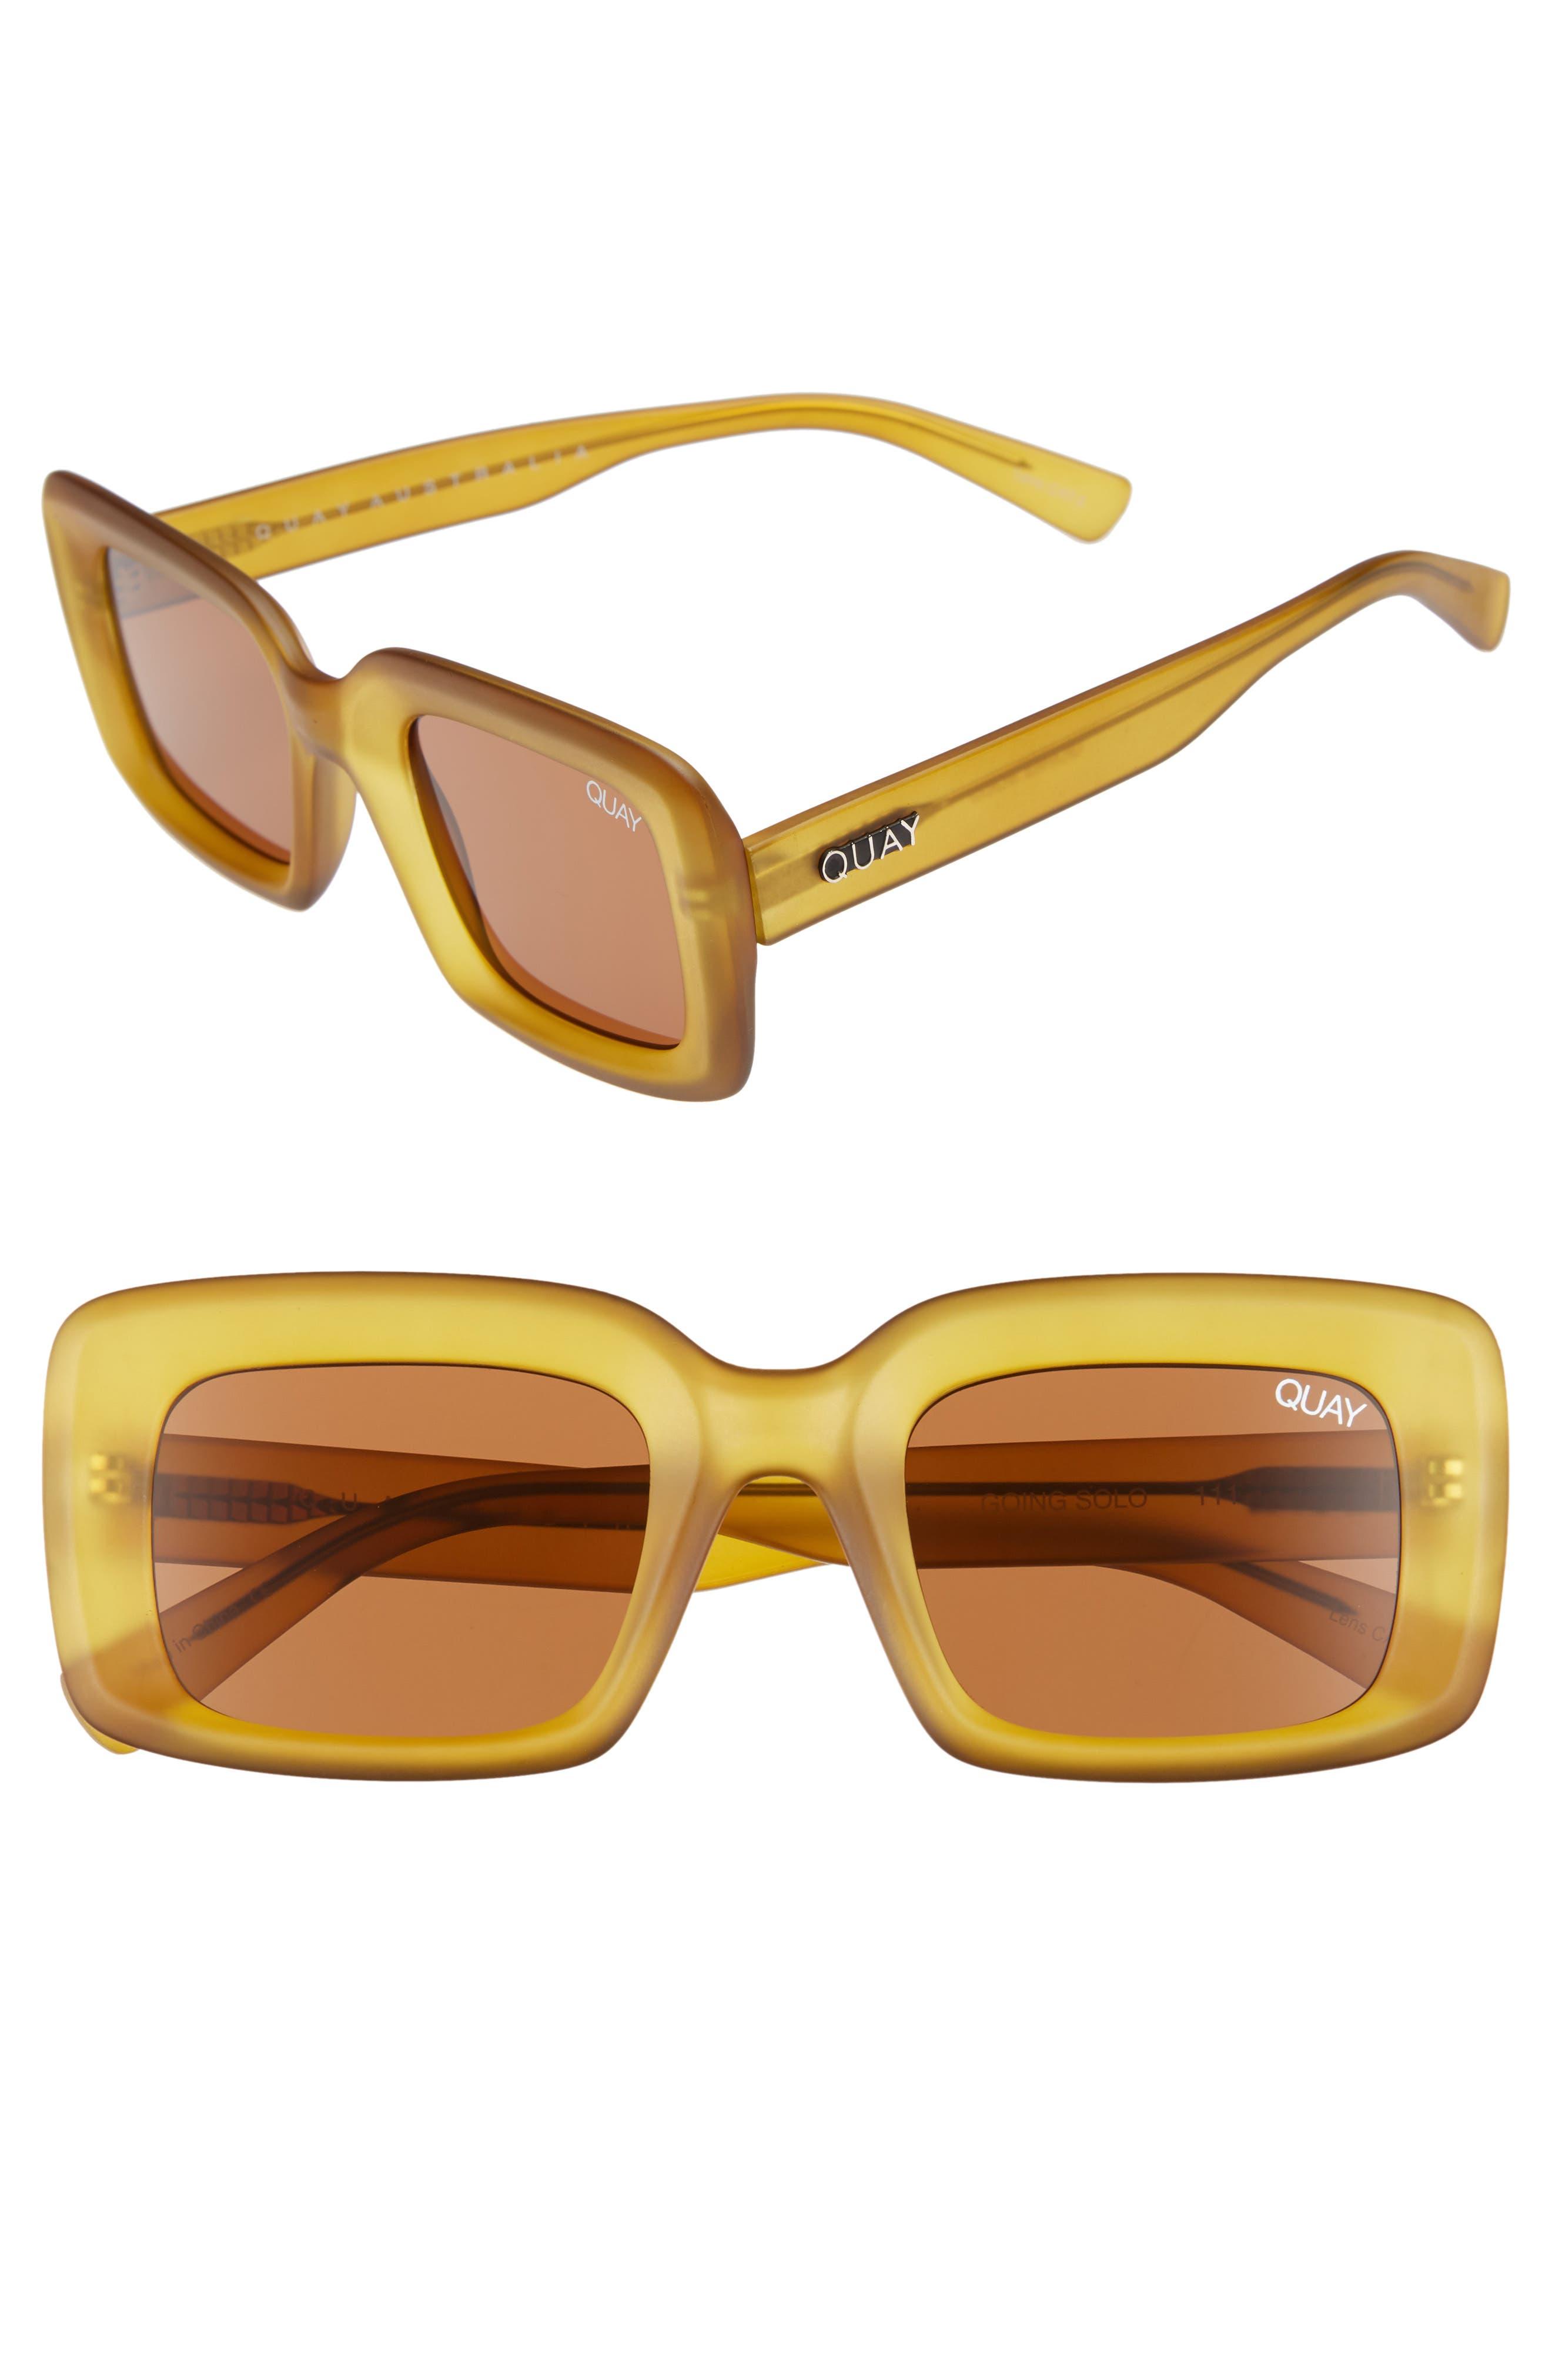 e86bf0a2158fe Quay Australia Going Solo 4m Square Sunglasses - Olive  Brown